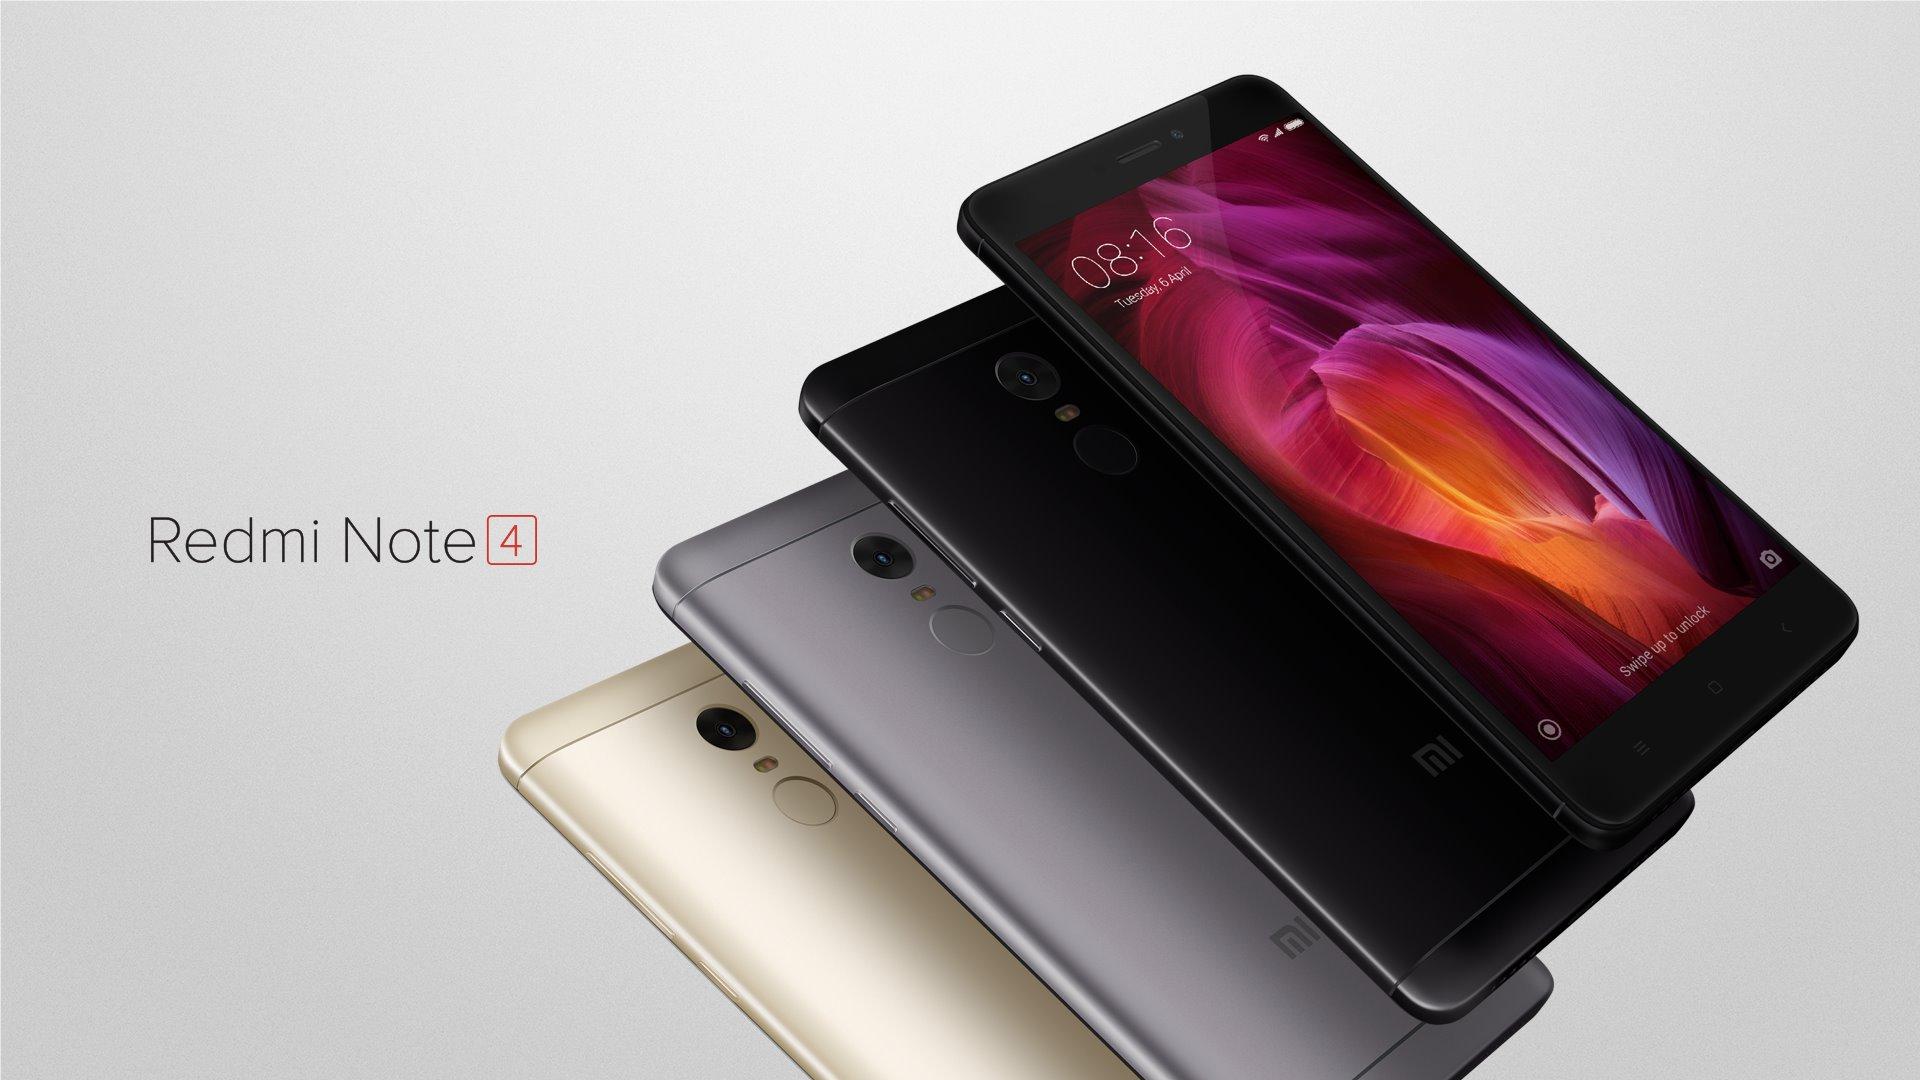 Папка «Фото», Сюрприз! Смартфон на подарок, который понравится каждому – Xiaomi Redmi Note 4.